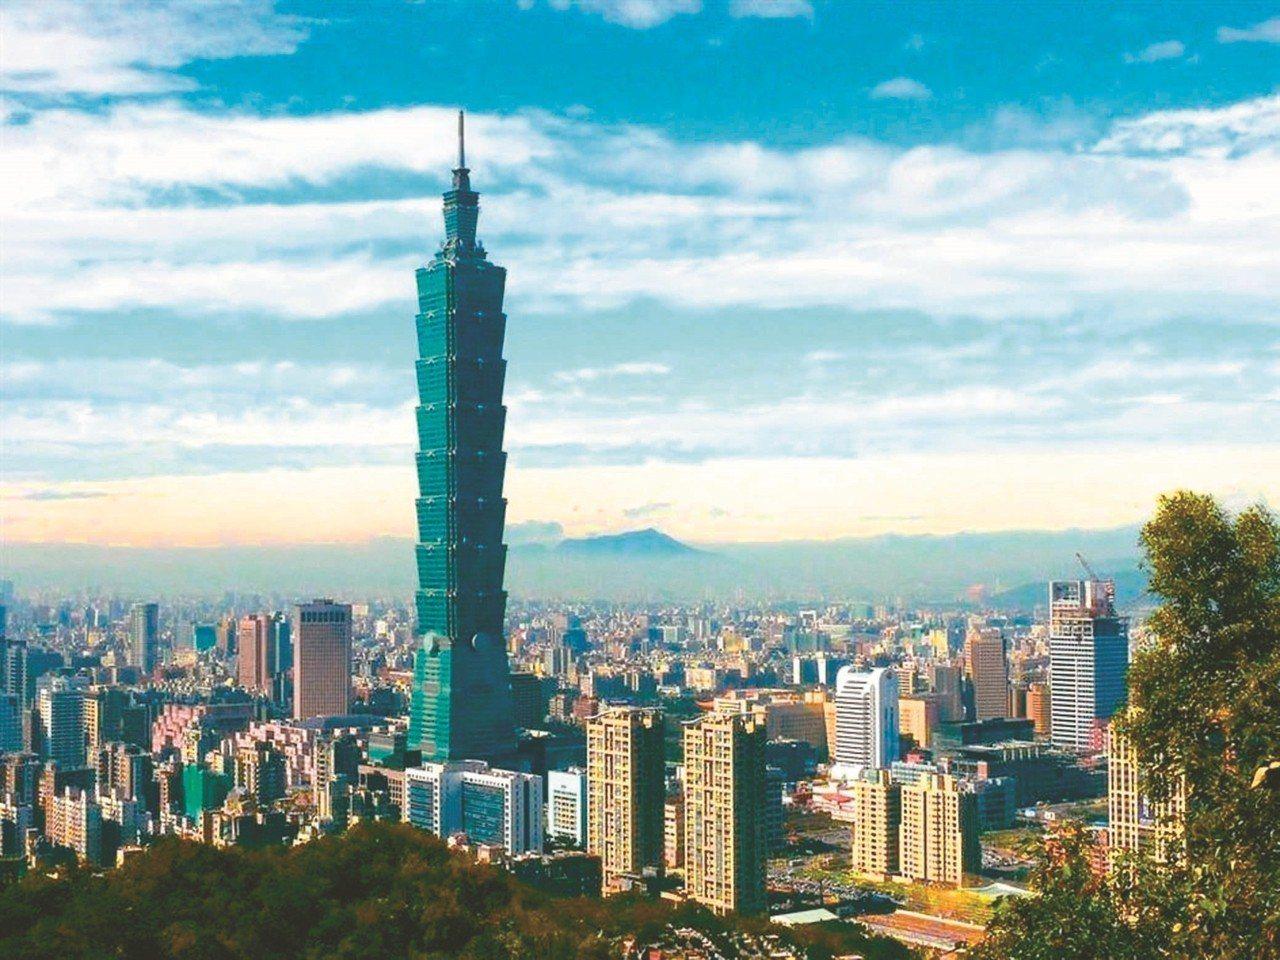 台北市公告2019年土地現值評定結果,101大樓六度蟬聯地王。圖/聯合報資料照